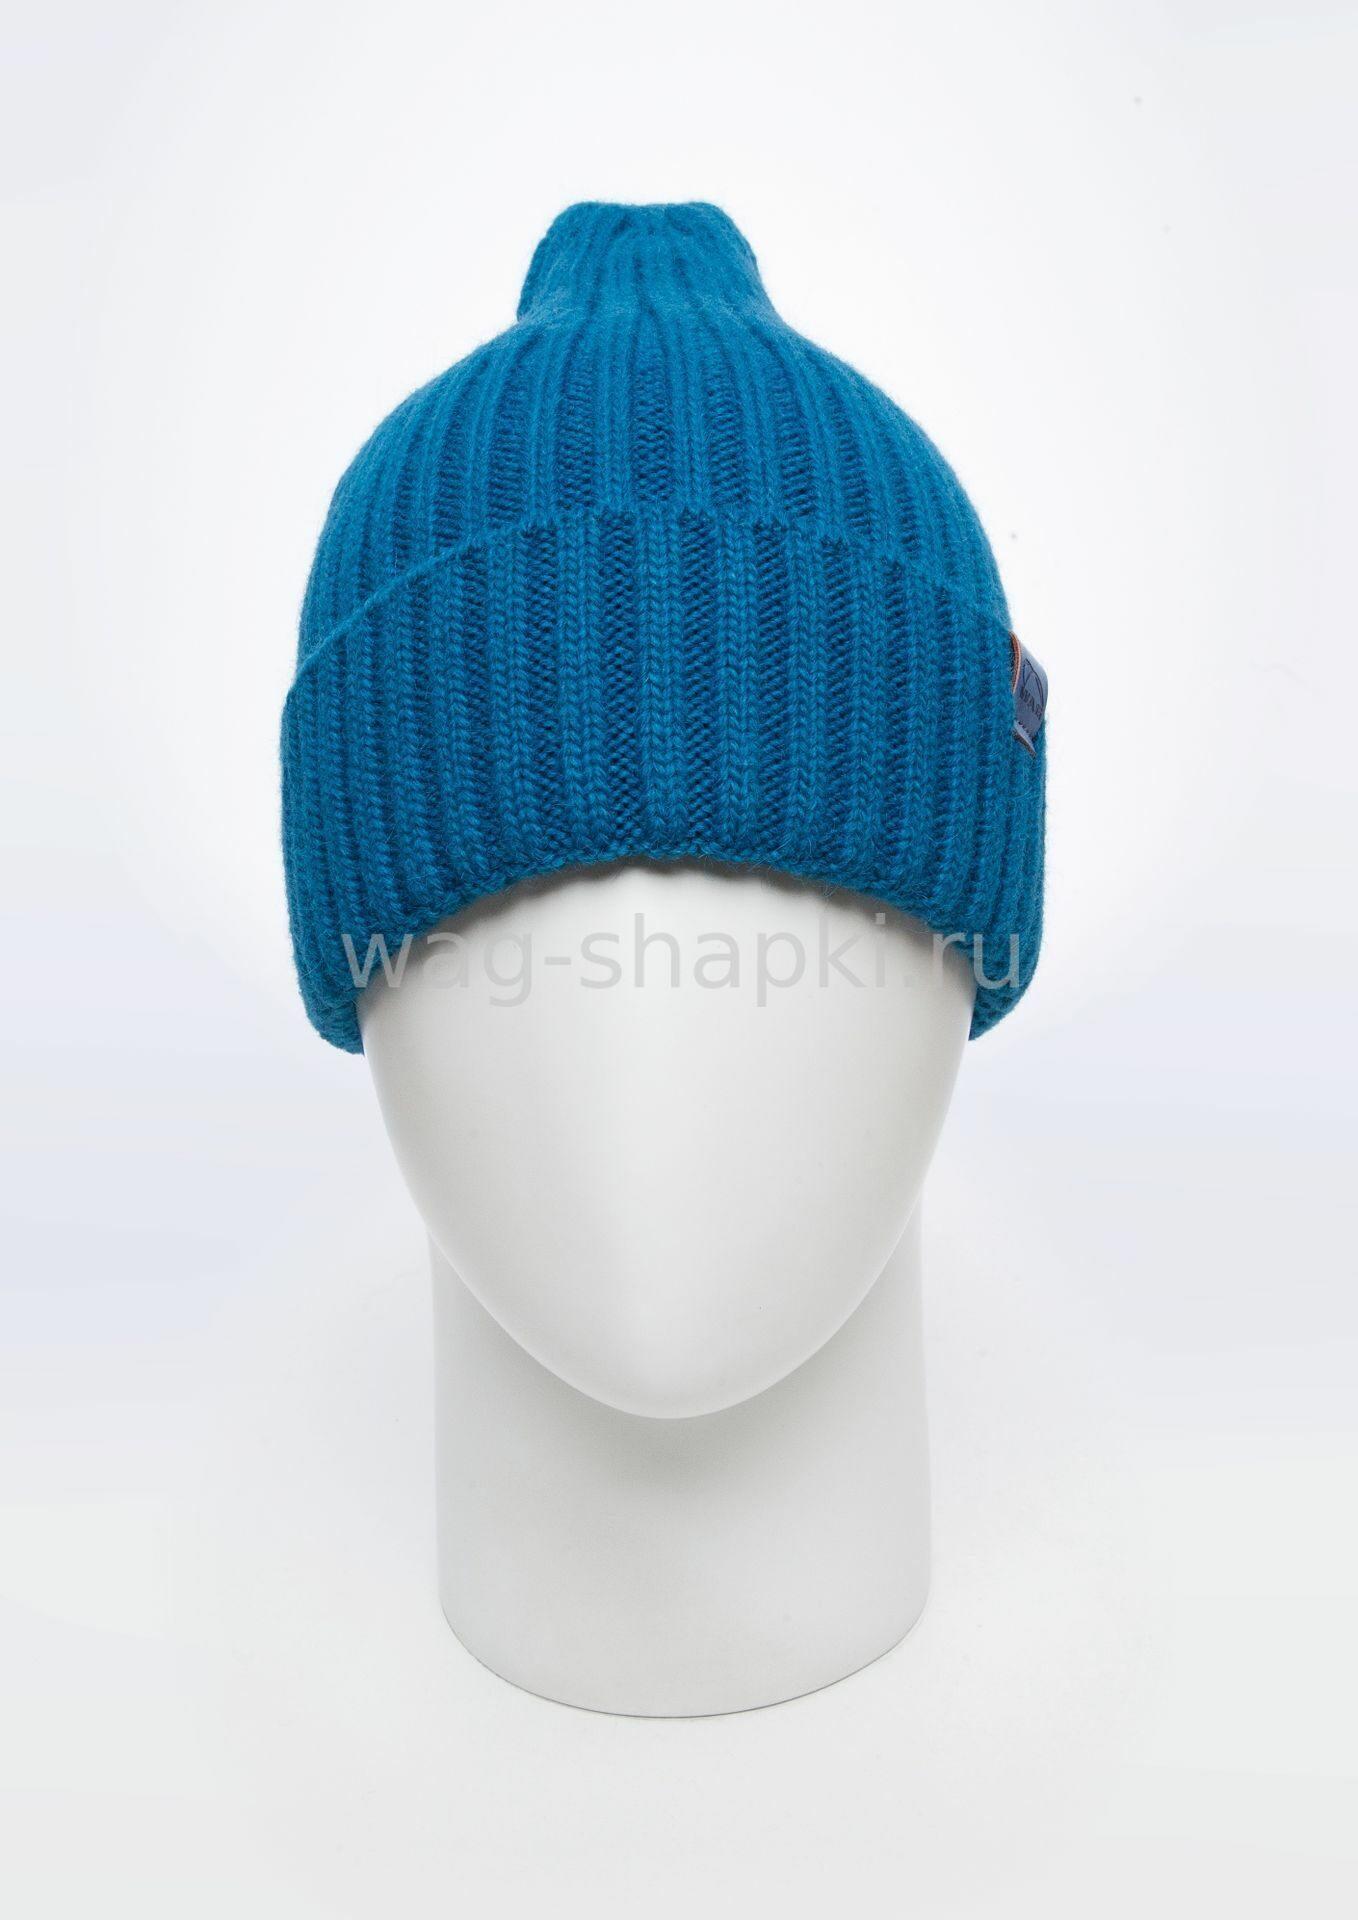 Вязание стоячей шапки 4